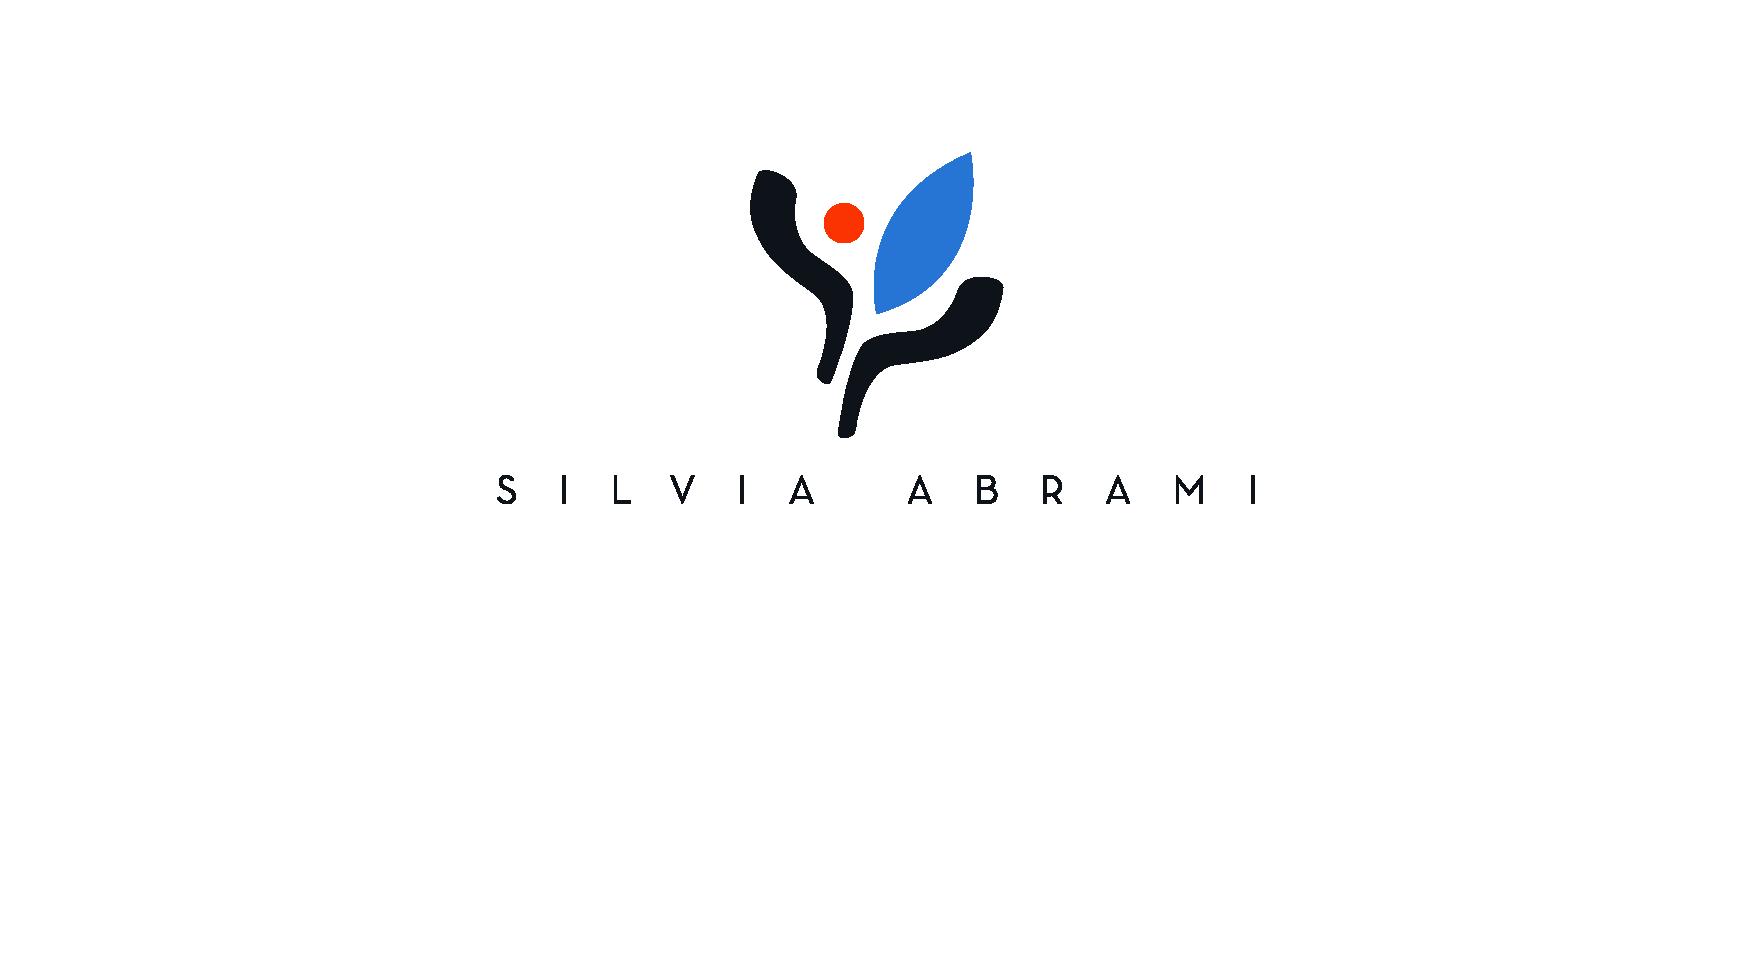 SilviaAbrami-02